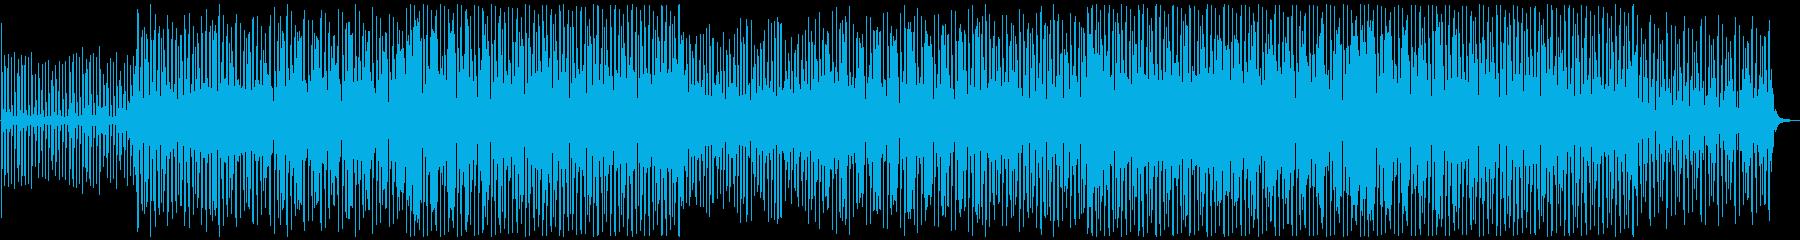 モダンでお洒落なデジタルハウストラックの再生済みの波形